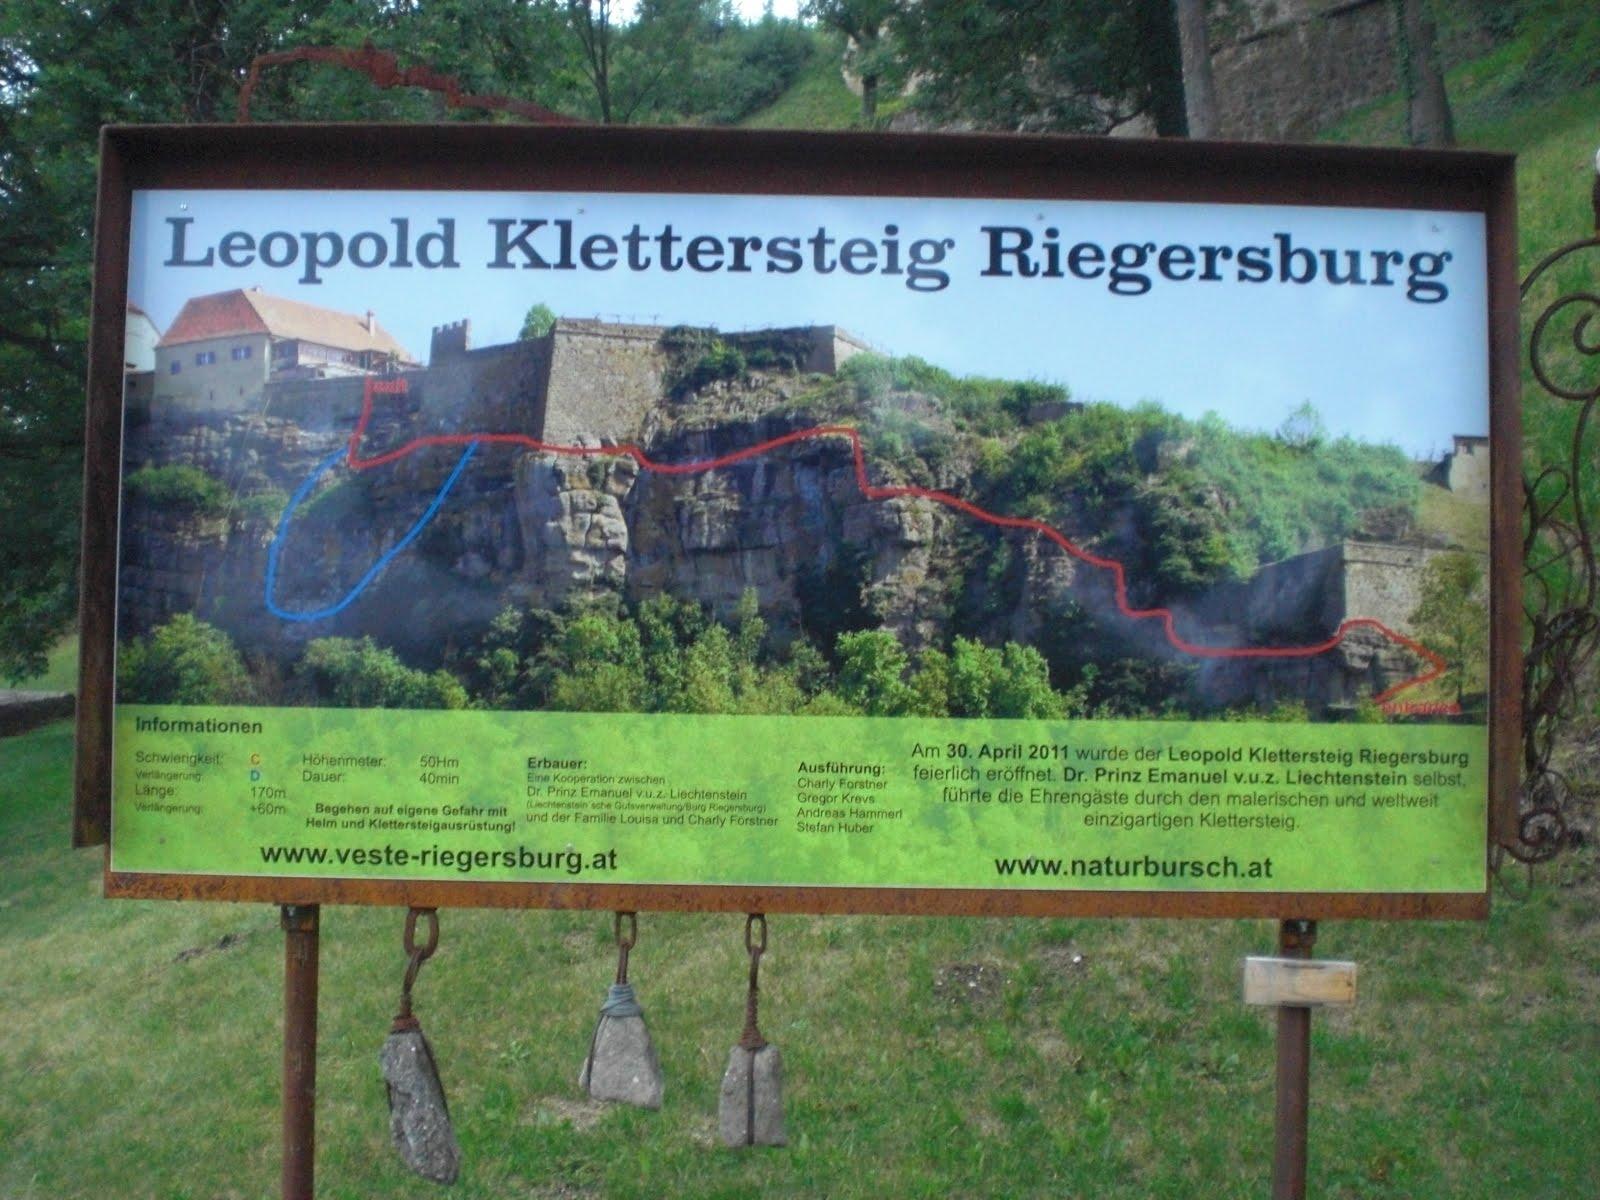 Klettersteig Riegersburg : Rack´n´climb bad gams riegersburg